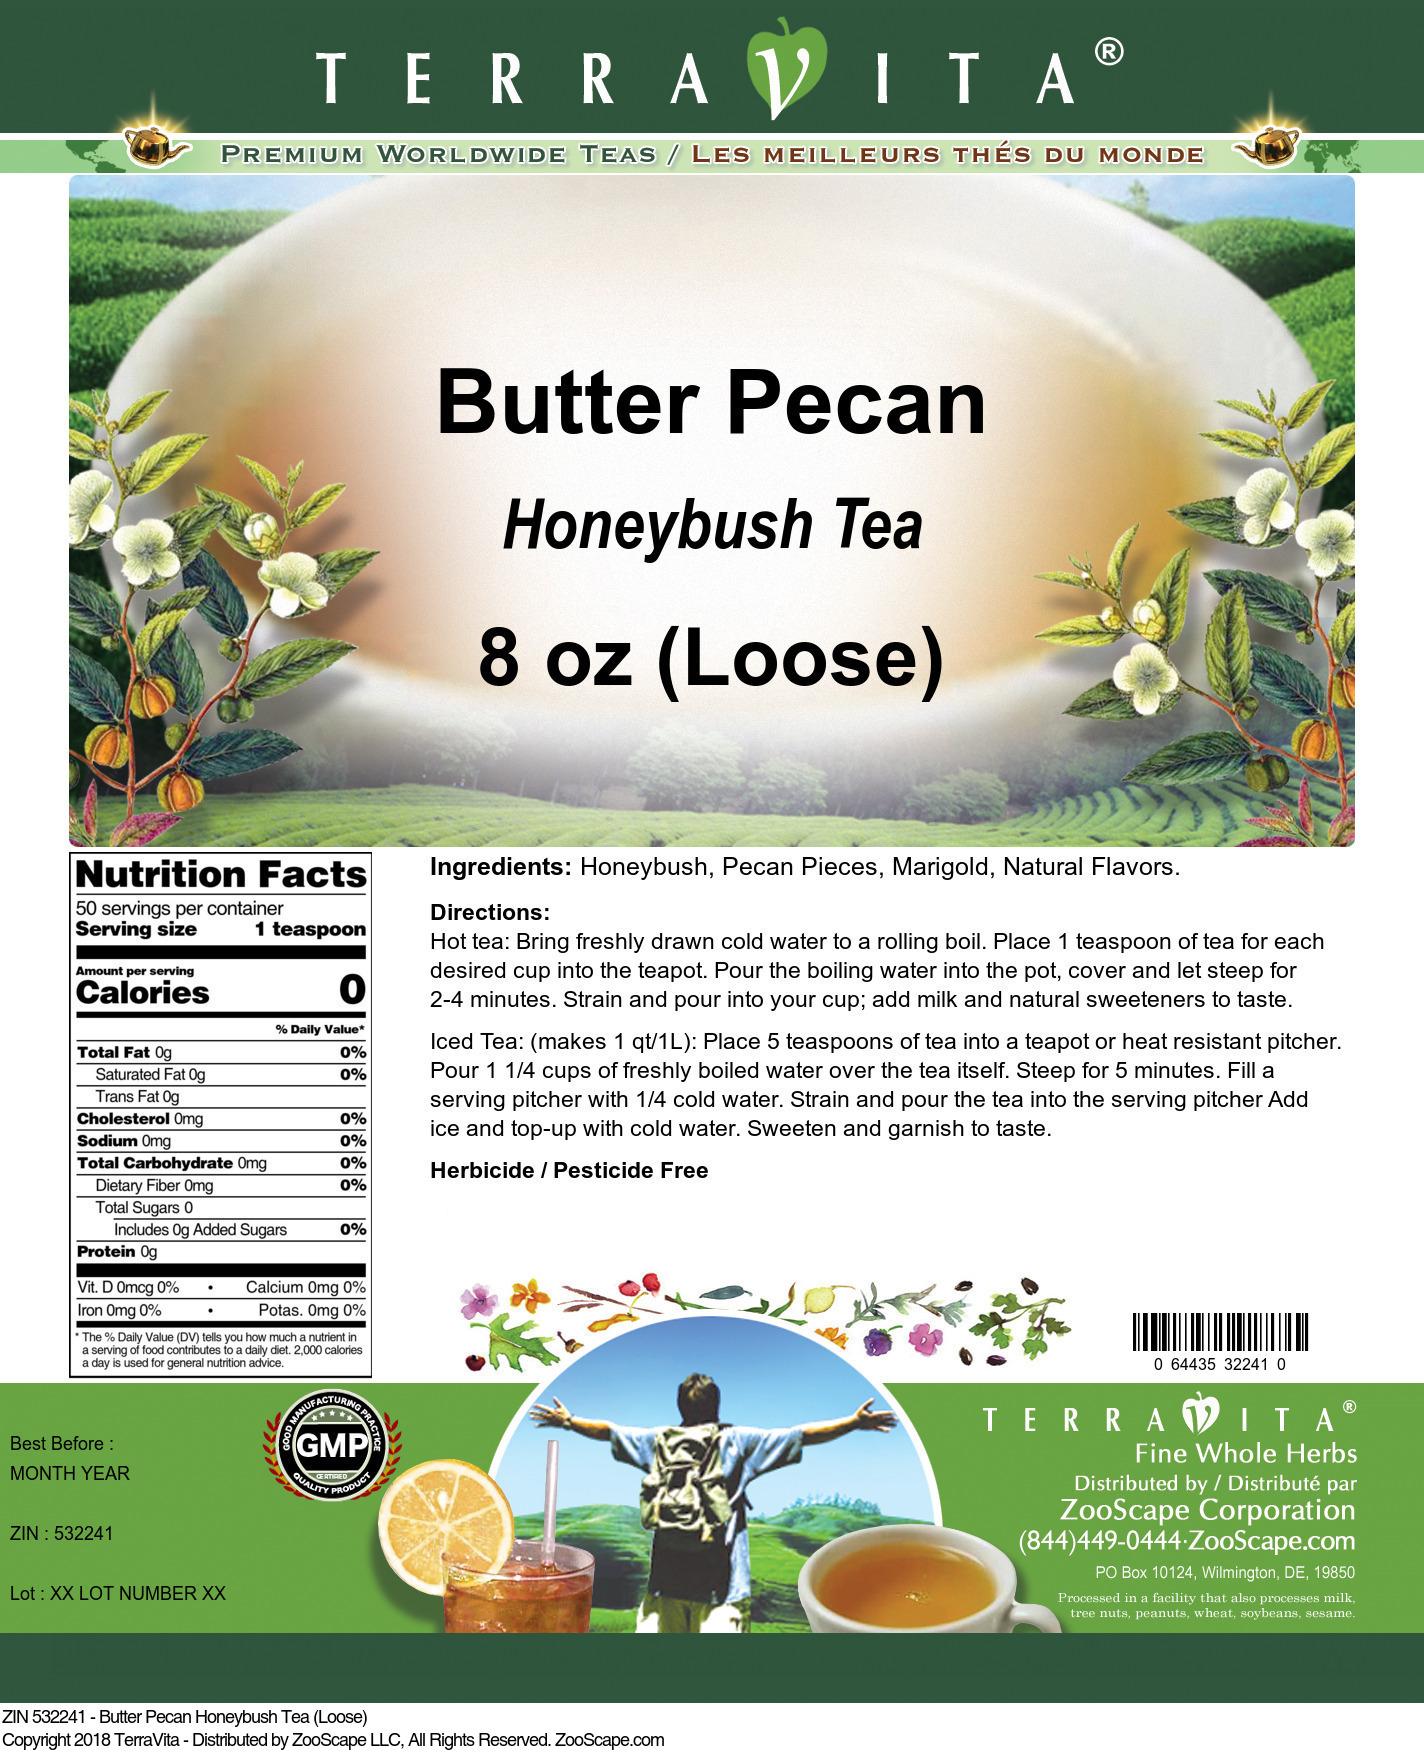 Butter Pecan Honeybush Tea (Loose)